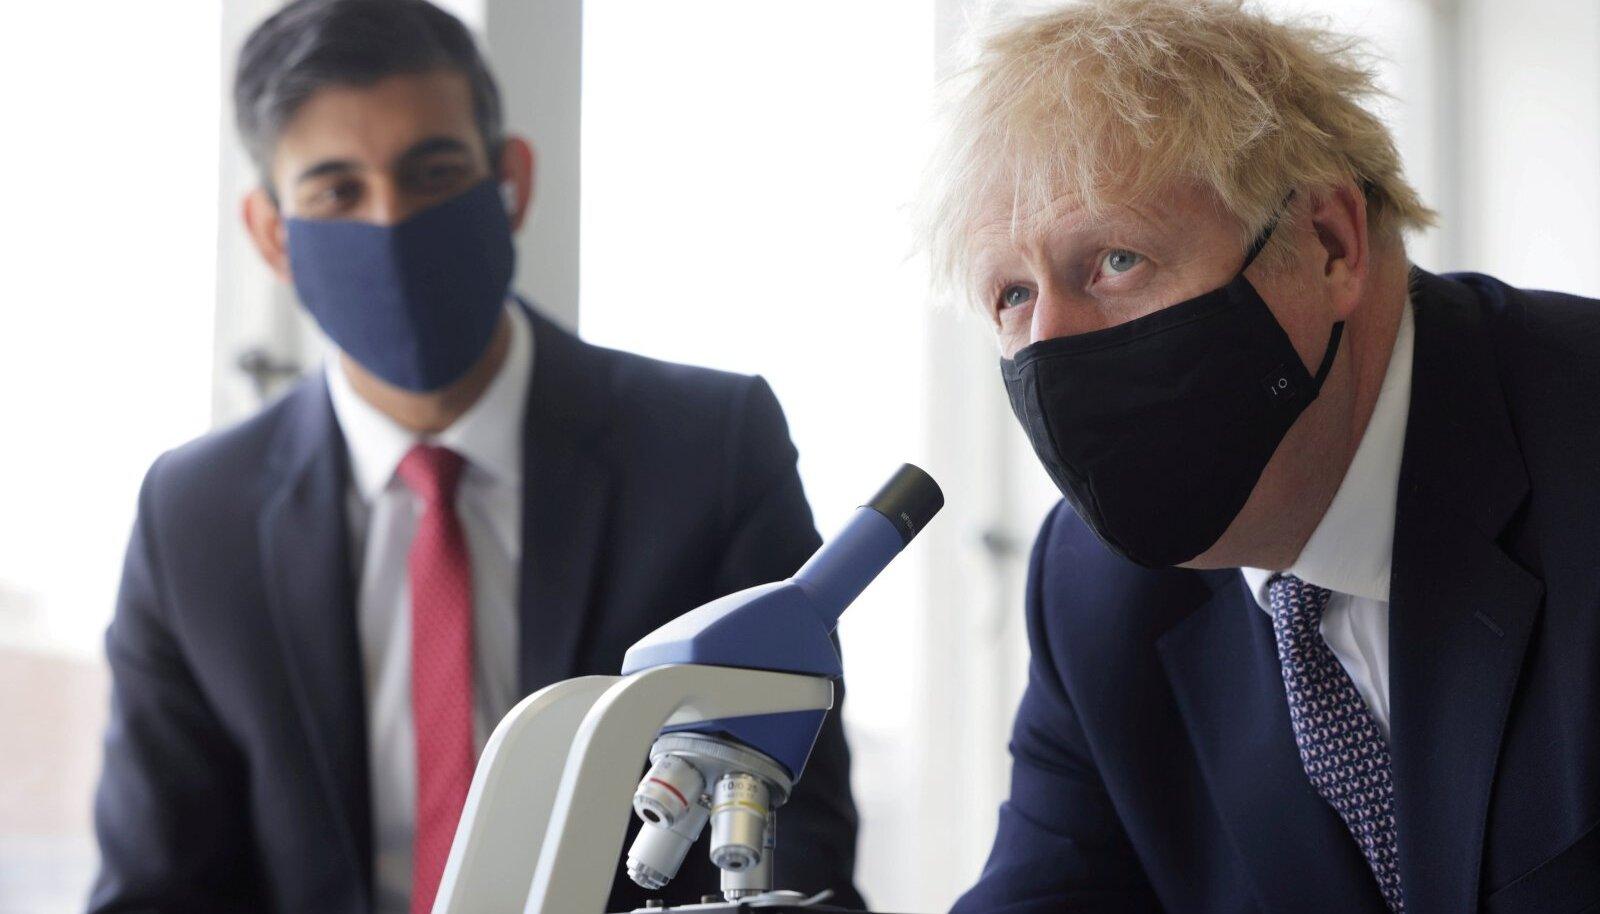 Ühendkuningriigi peaminister Boris Johnson, taustal rahandusminister Rishi Sunak